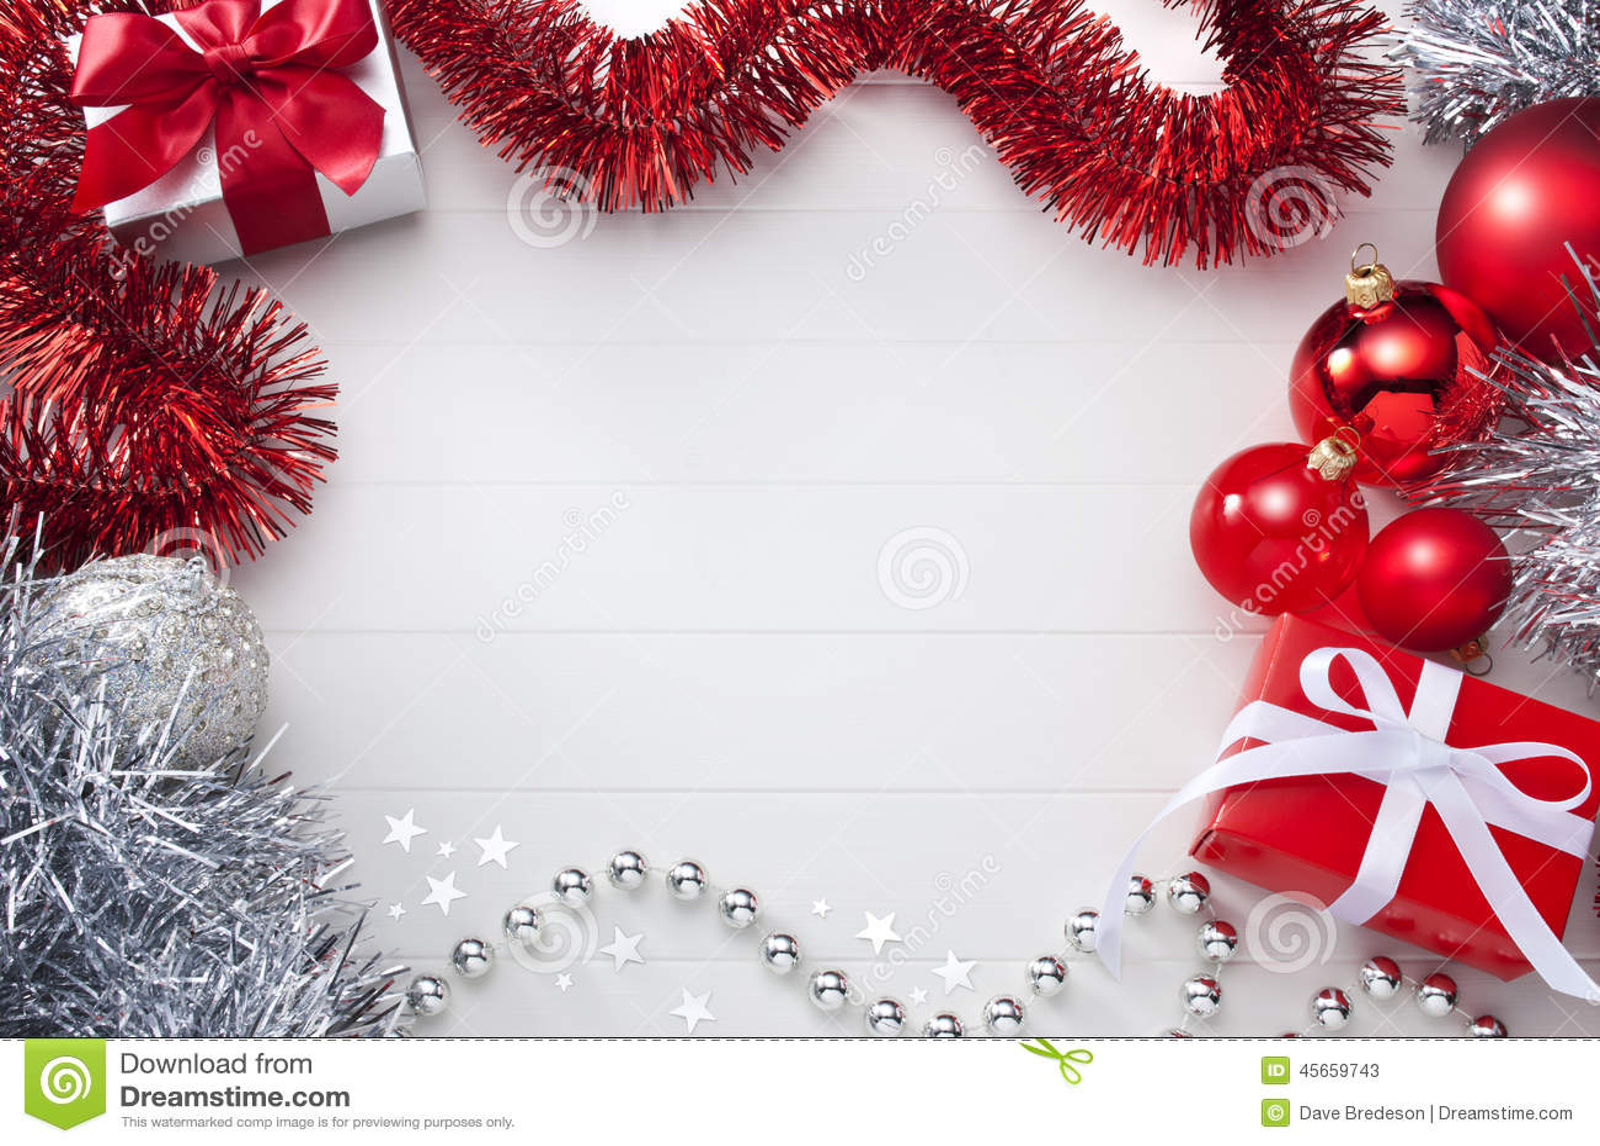 Fondo blanco y rojo de la Navidad